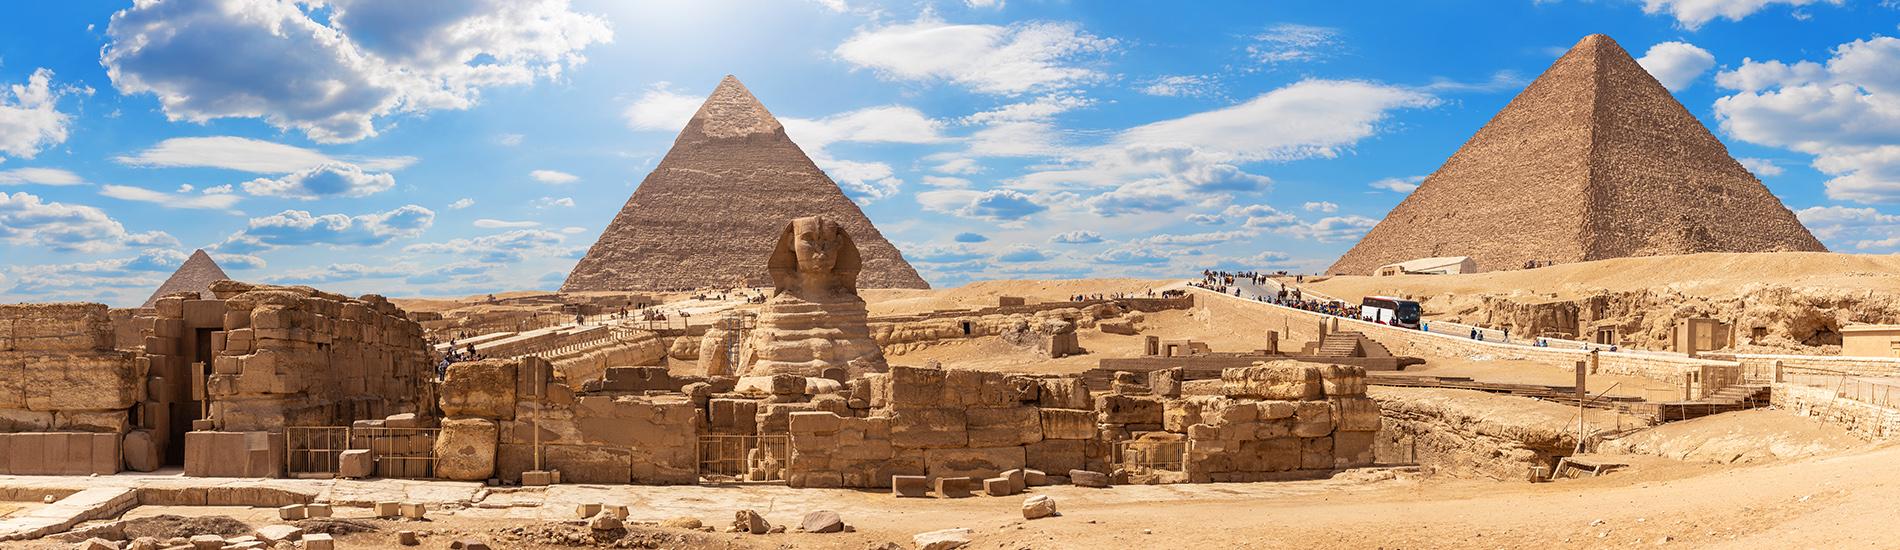 璀璨杜拜 神秘埃及